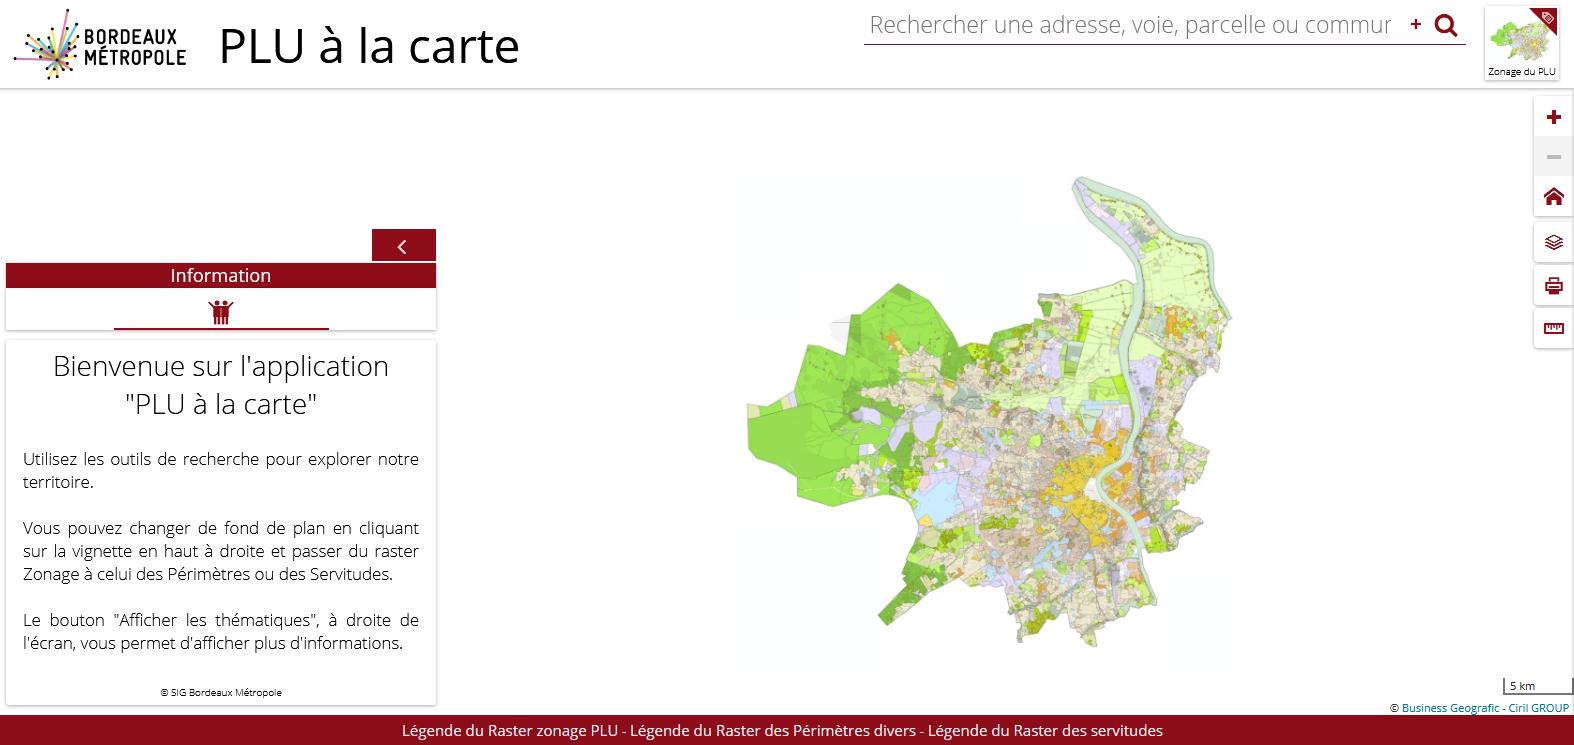 Urbanisme - PLU à la carte